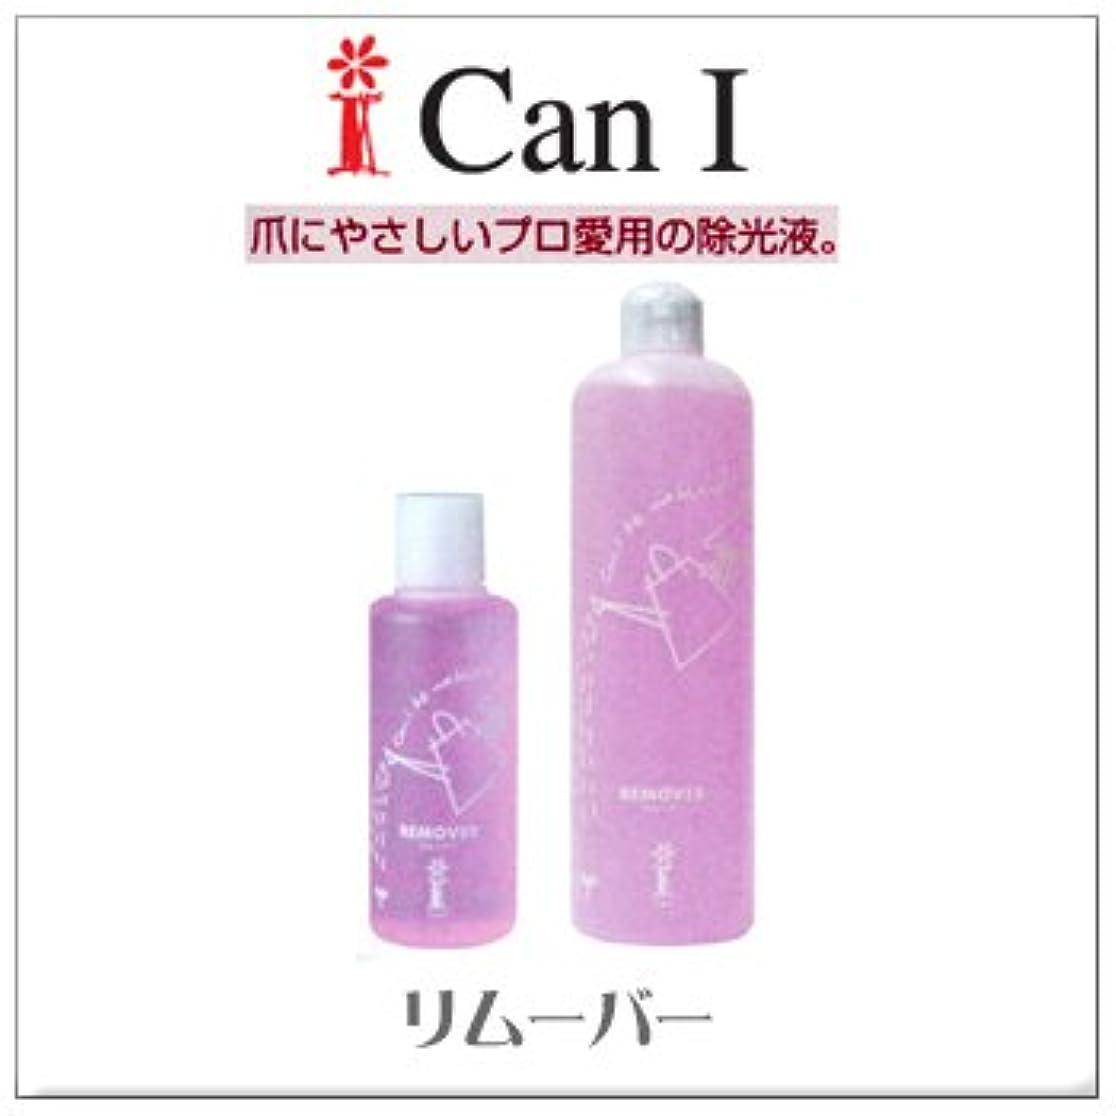 実装する収穫バンケットCanI (キャンアイ) リムーバー be native 500ml